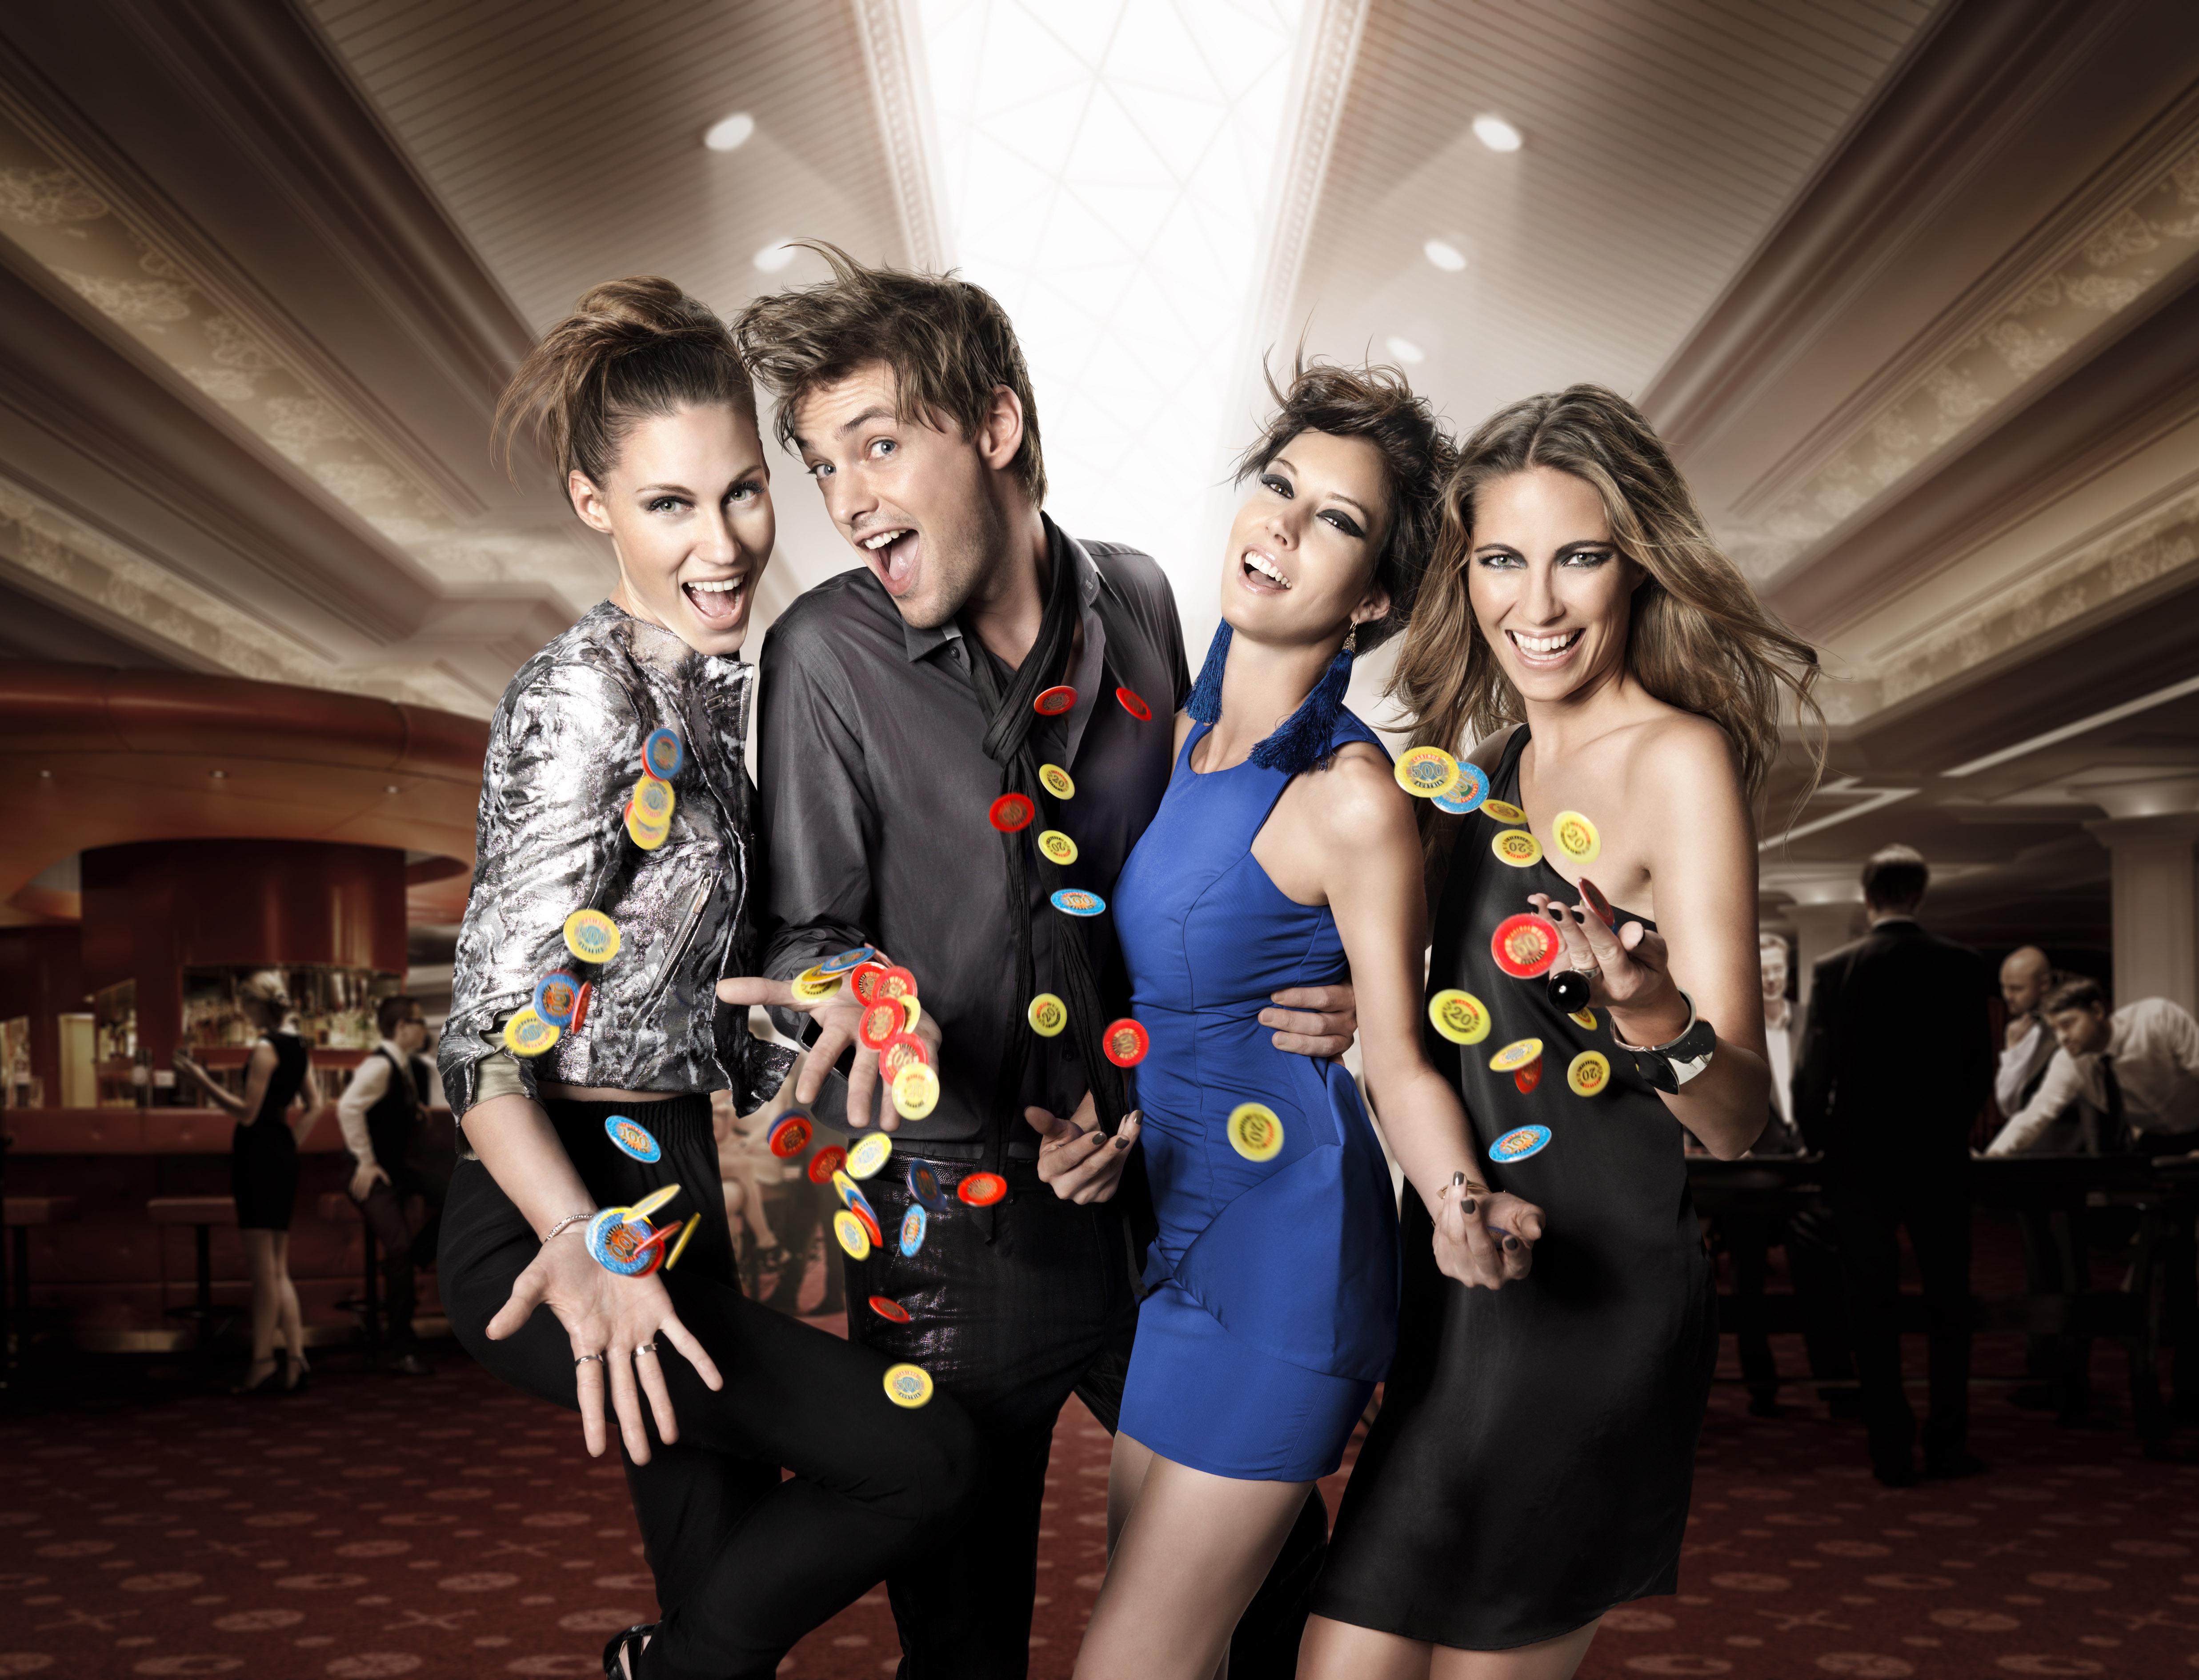 casino hohensyburg kleiderordnung frauen